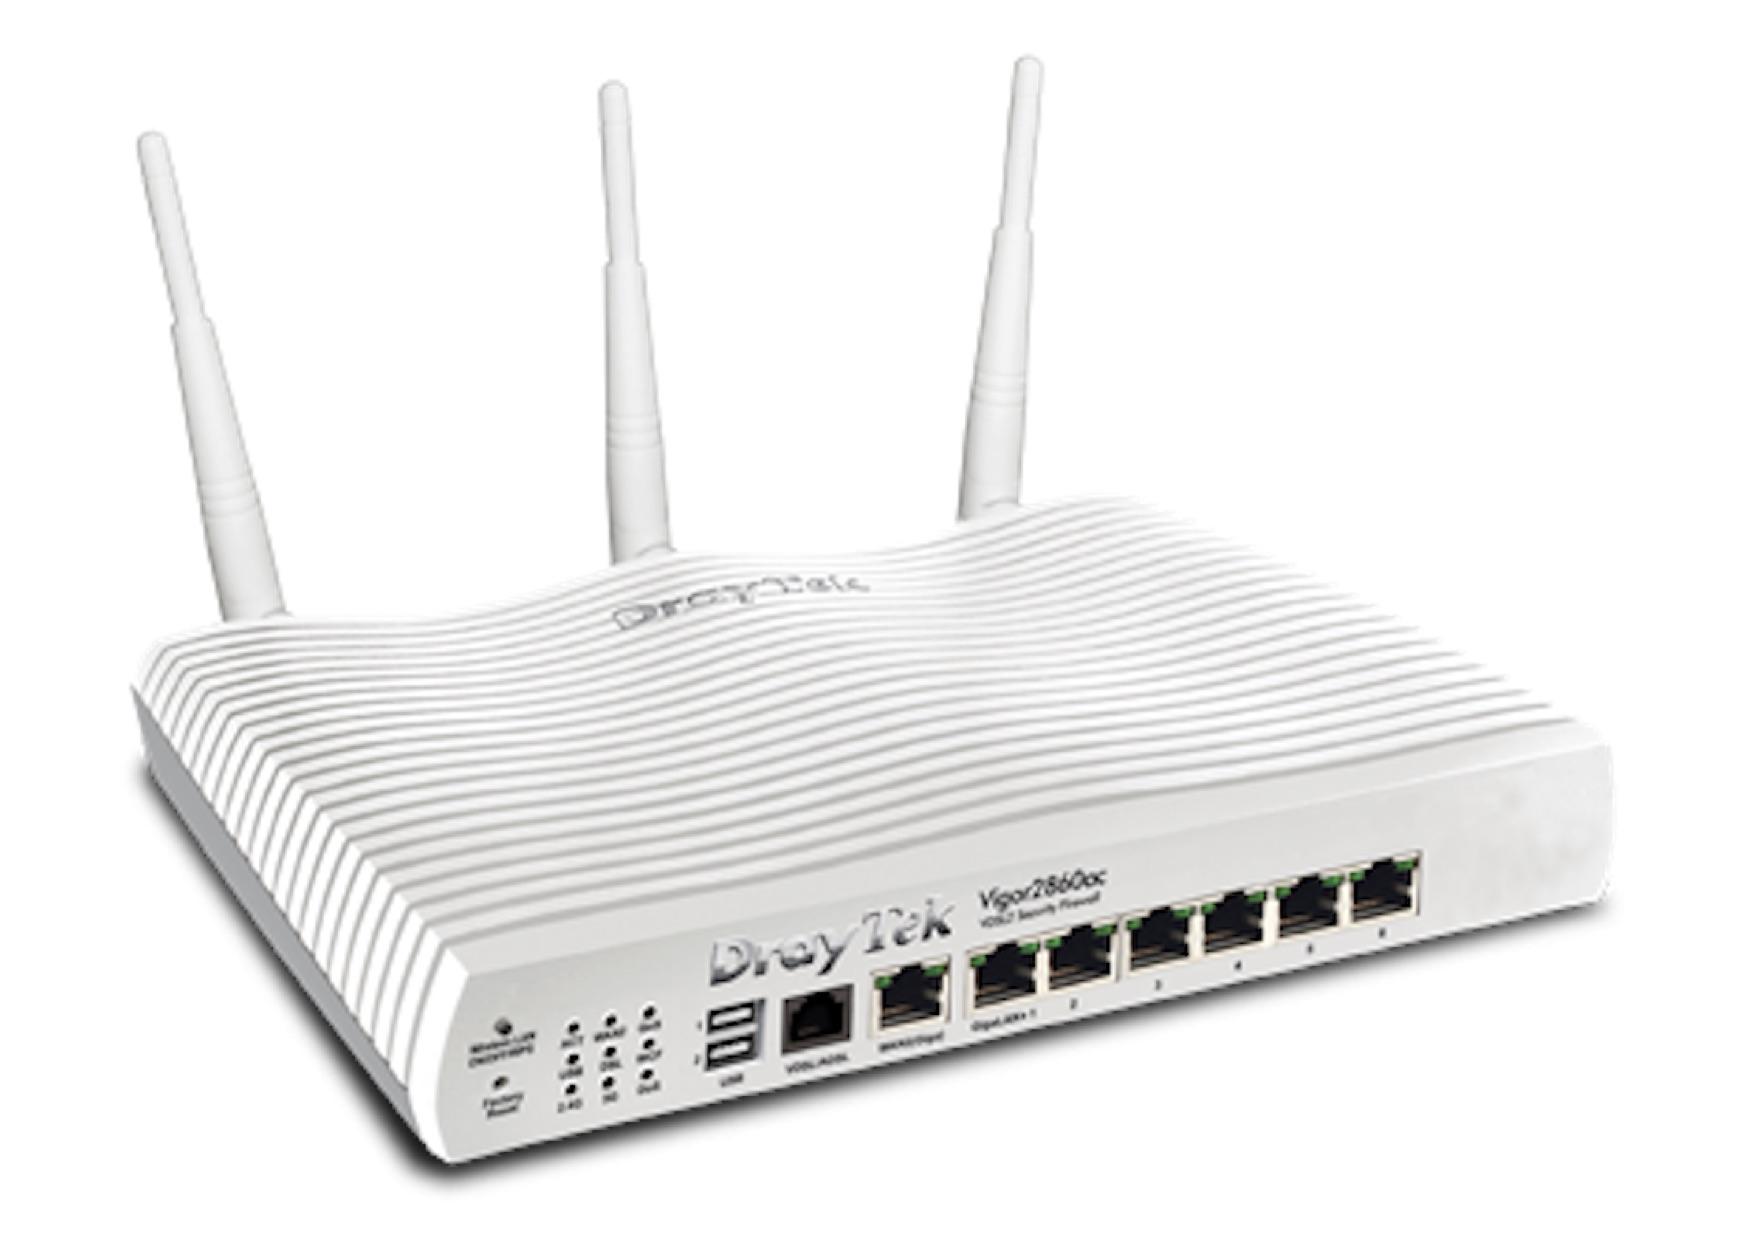 DrayTek 2860AC Router